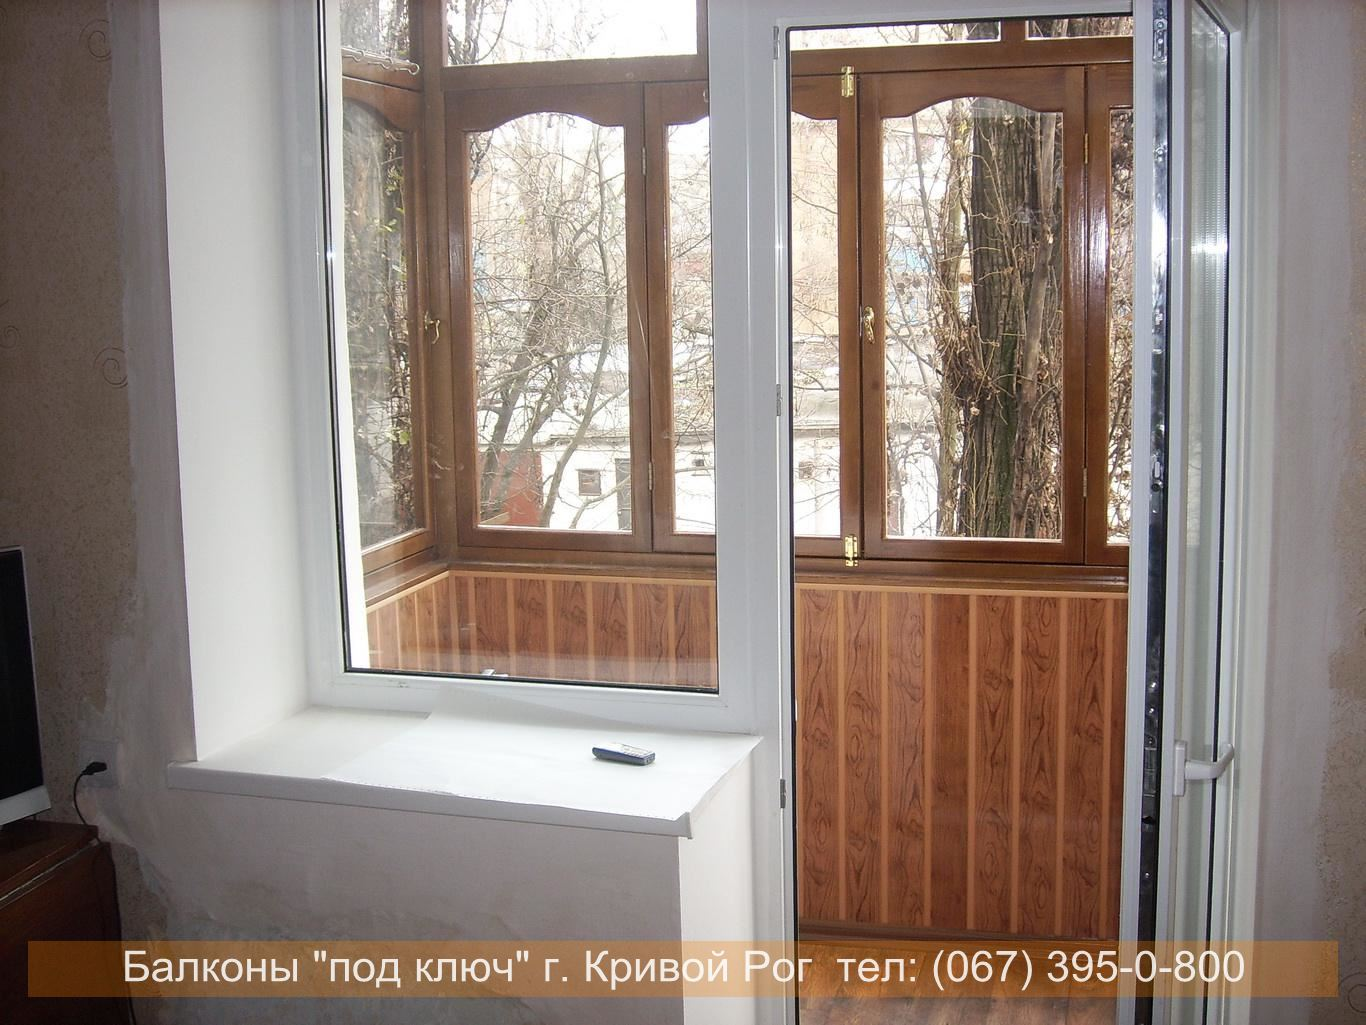 osteklenie_krivoy_rog (59)